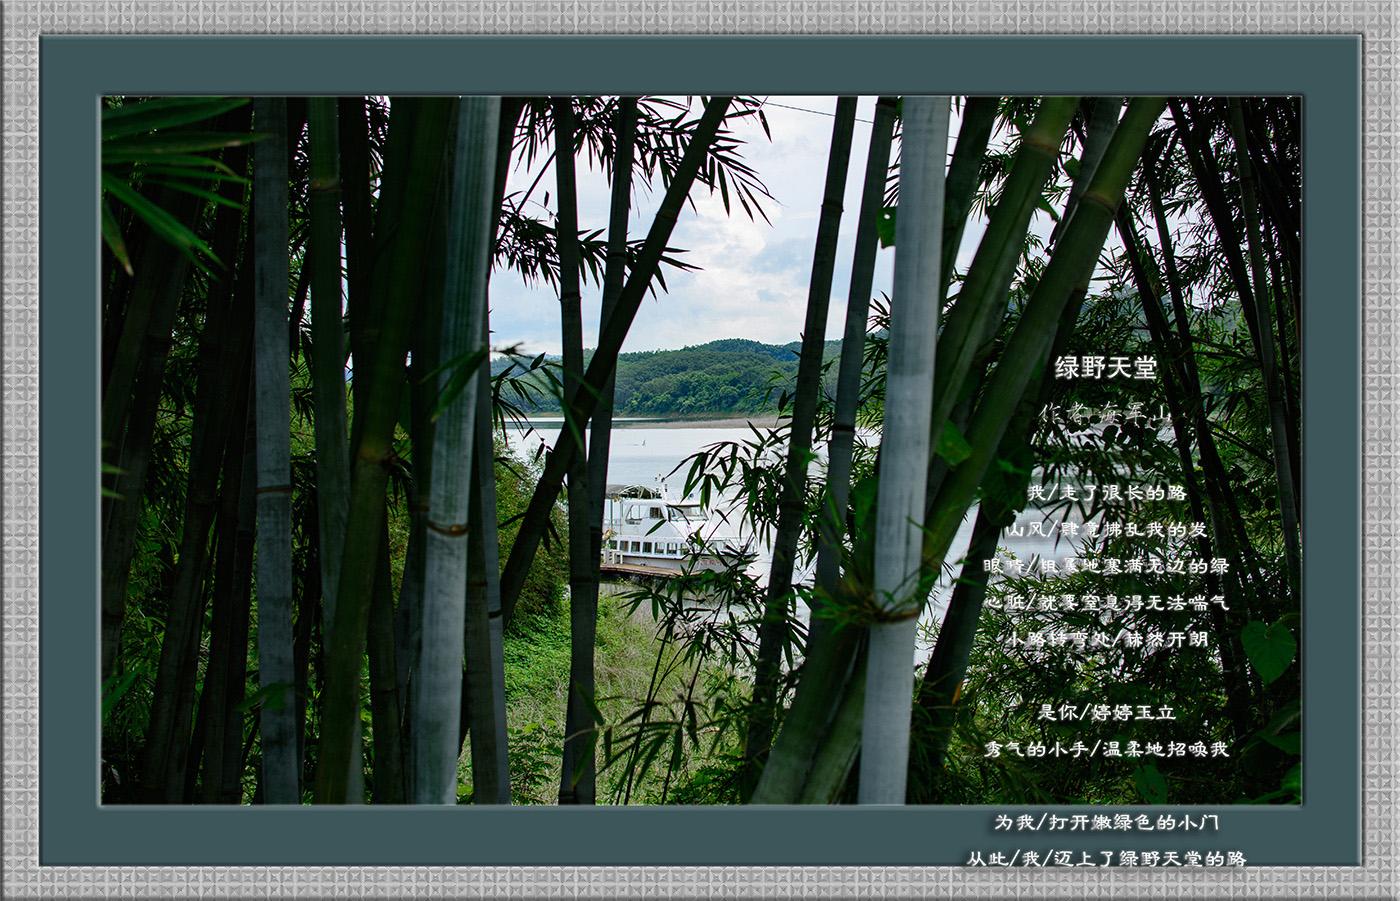 海军山作品:绿野天堂